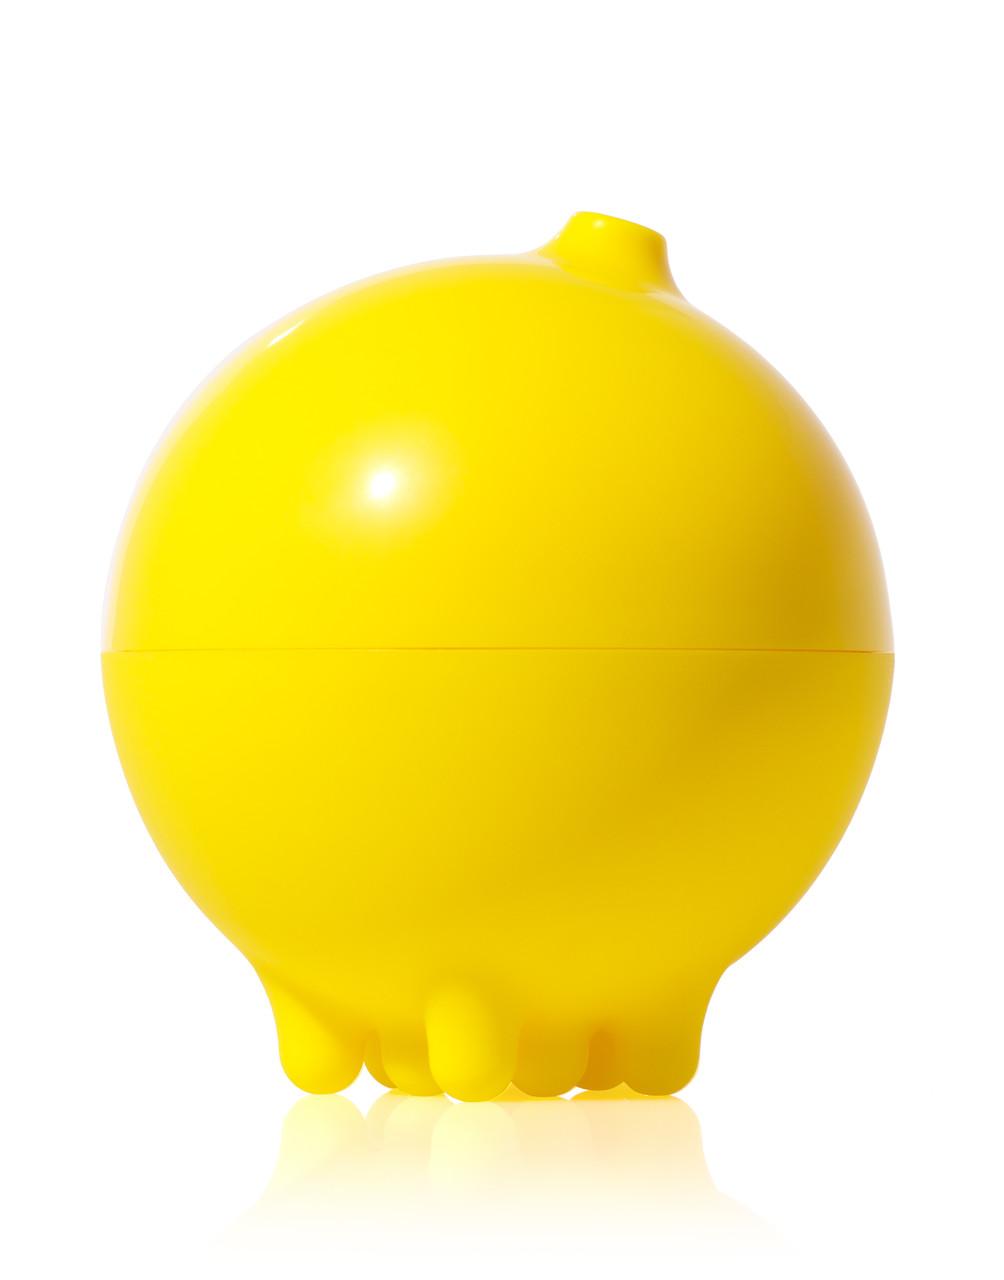 Игрушка для ванной Moluk Плюи желтый (43020)